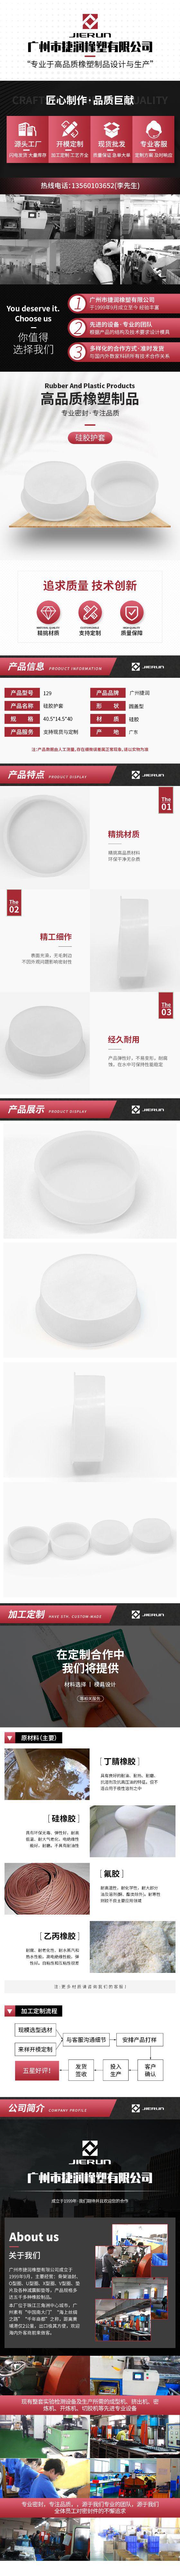 大门铰孔防潮胶套 防潮防尘防刮防止虫子进入 管塞圆塞堵塞套硅胶